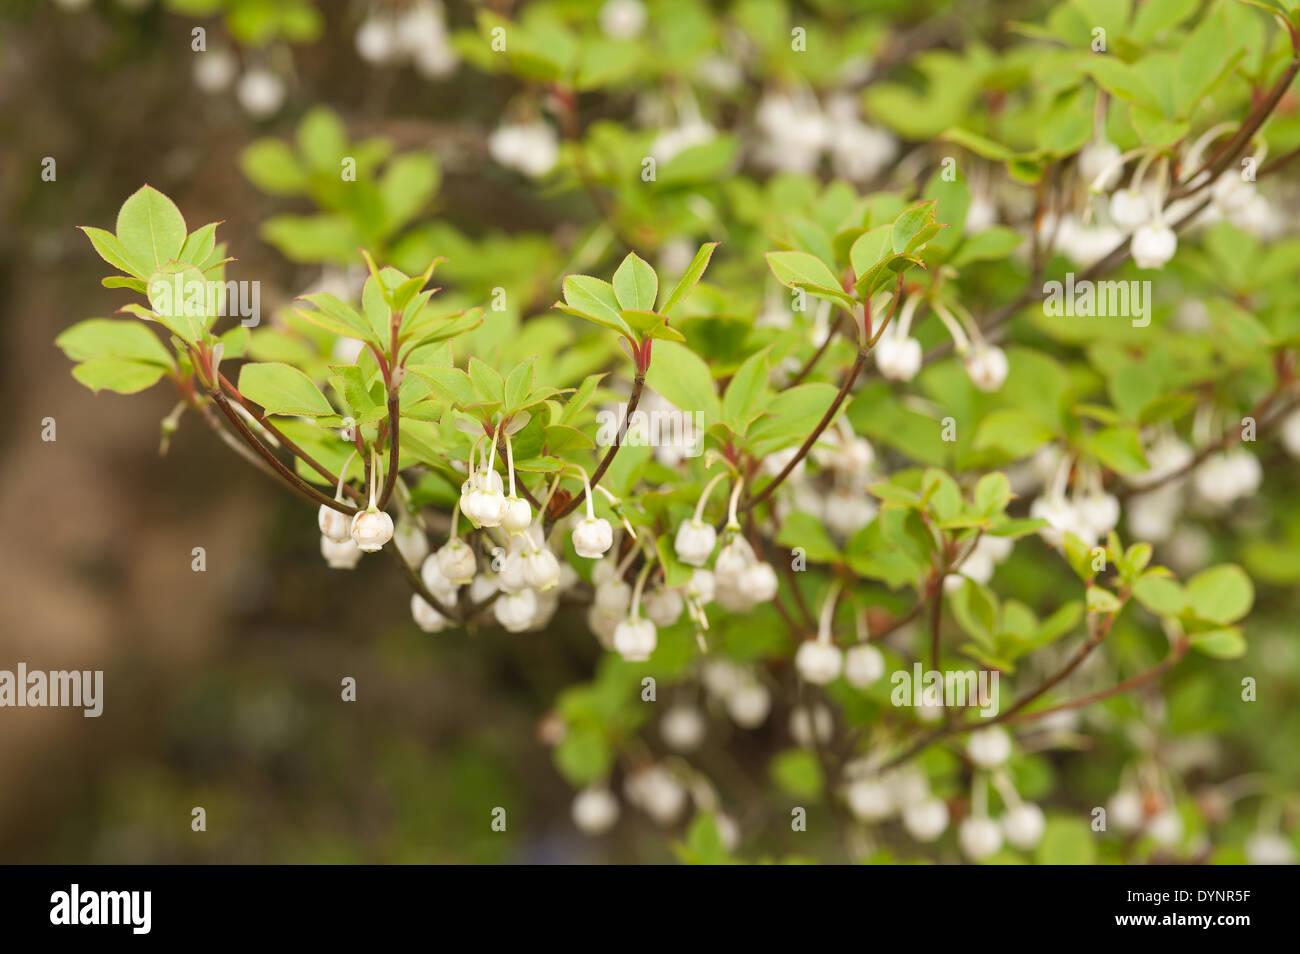 Alternate Leaves Of White Enkianthus Shrub Making A Spectacular